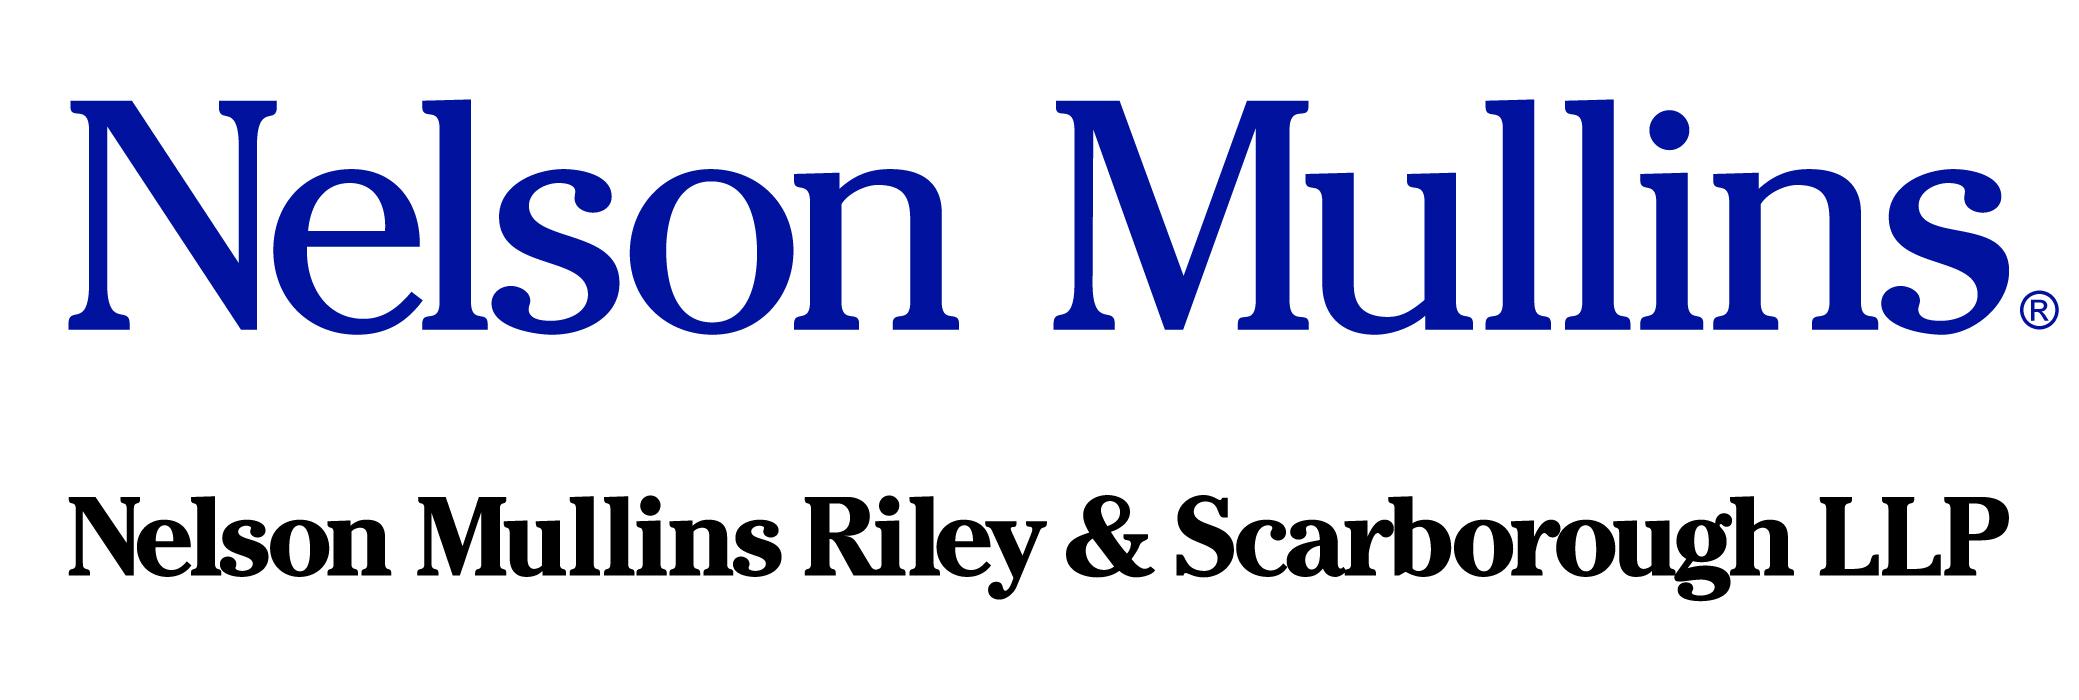 Nelson_Mullins_Full_Logo_300-dpi.jpg